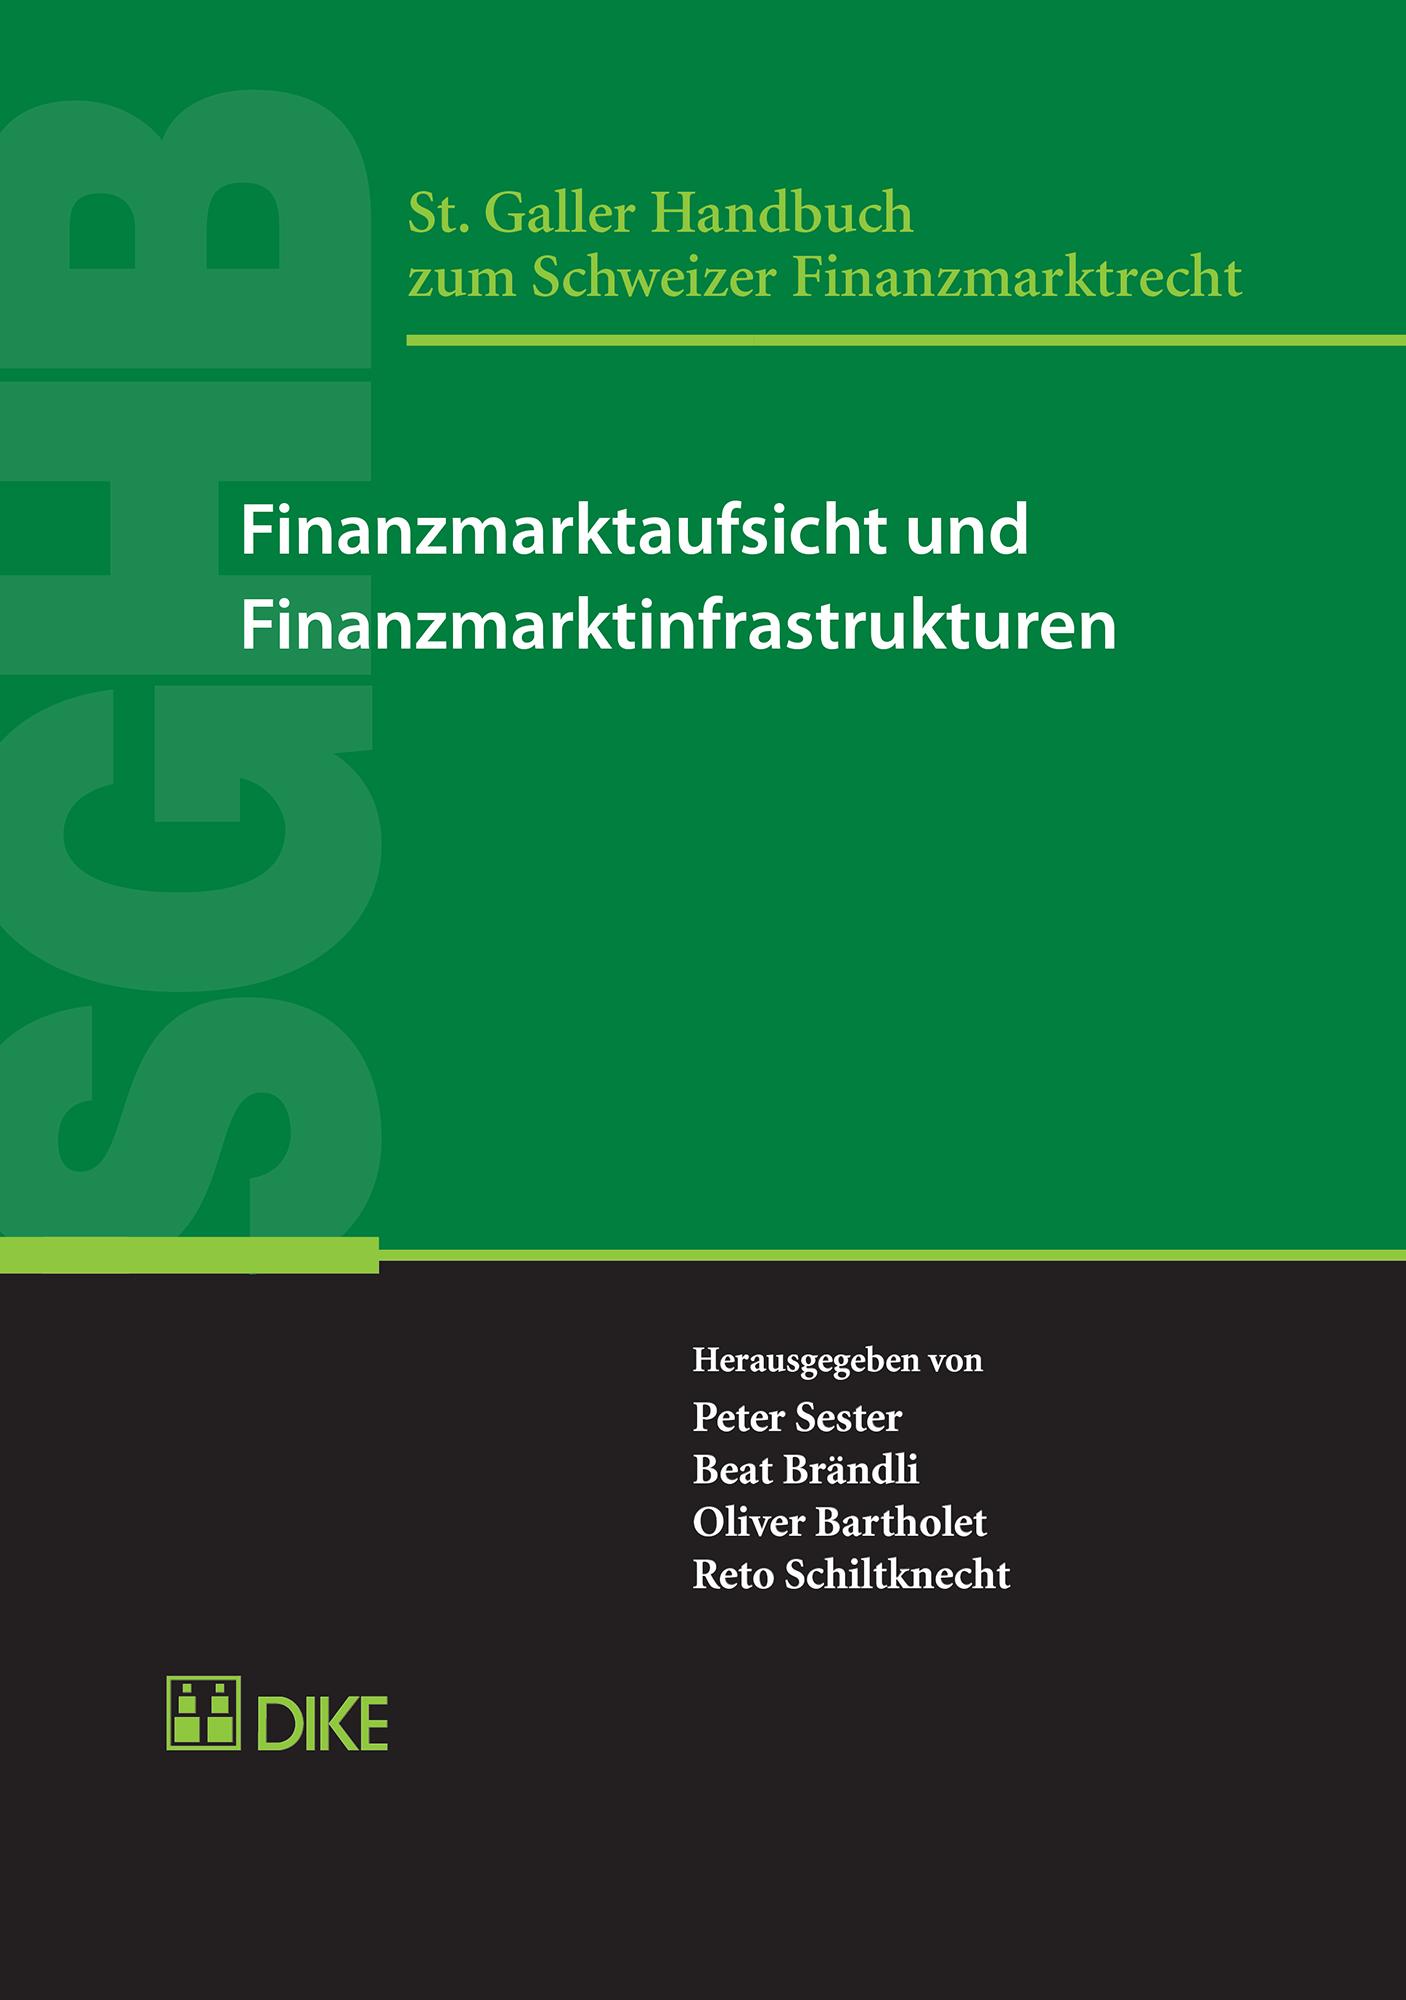 Finanzmarktaufsicht und Finanzmarktinfrastrukturen